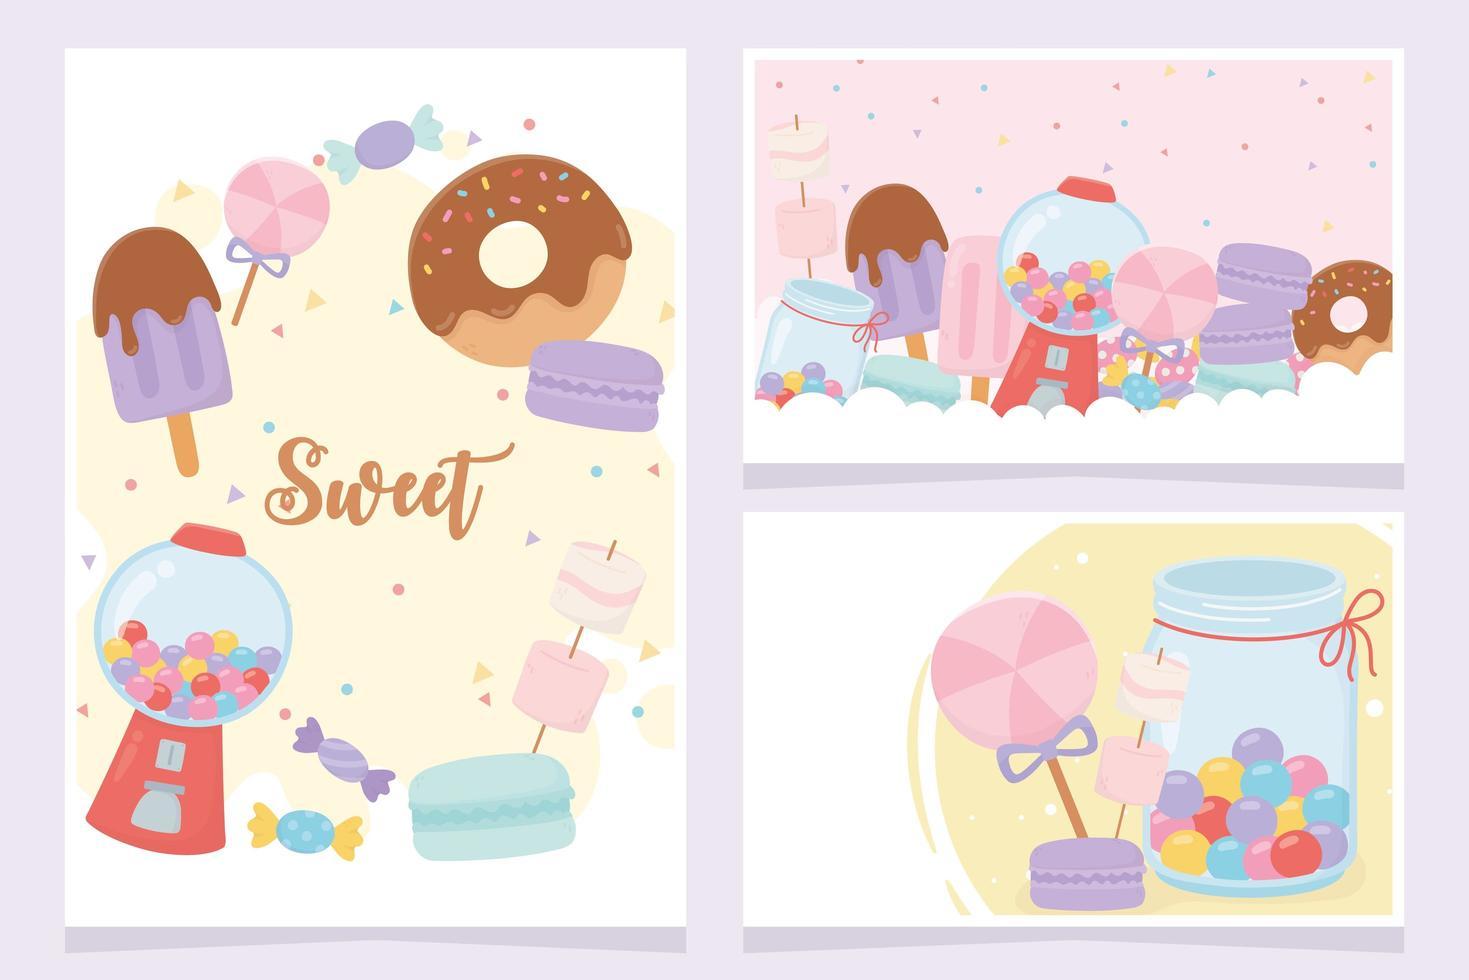 zoete snoepjes en desserts kaarten set vector